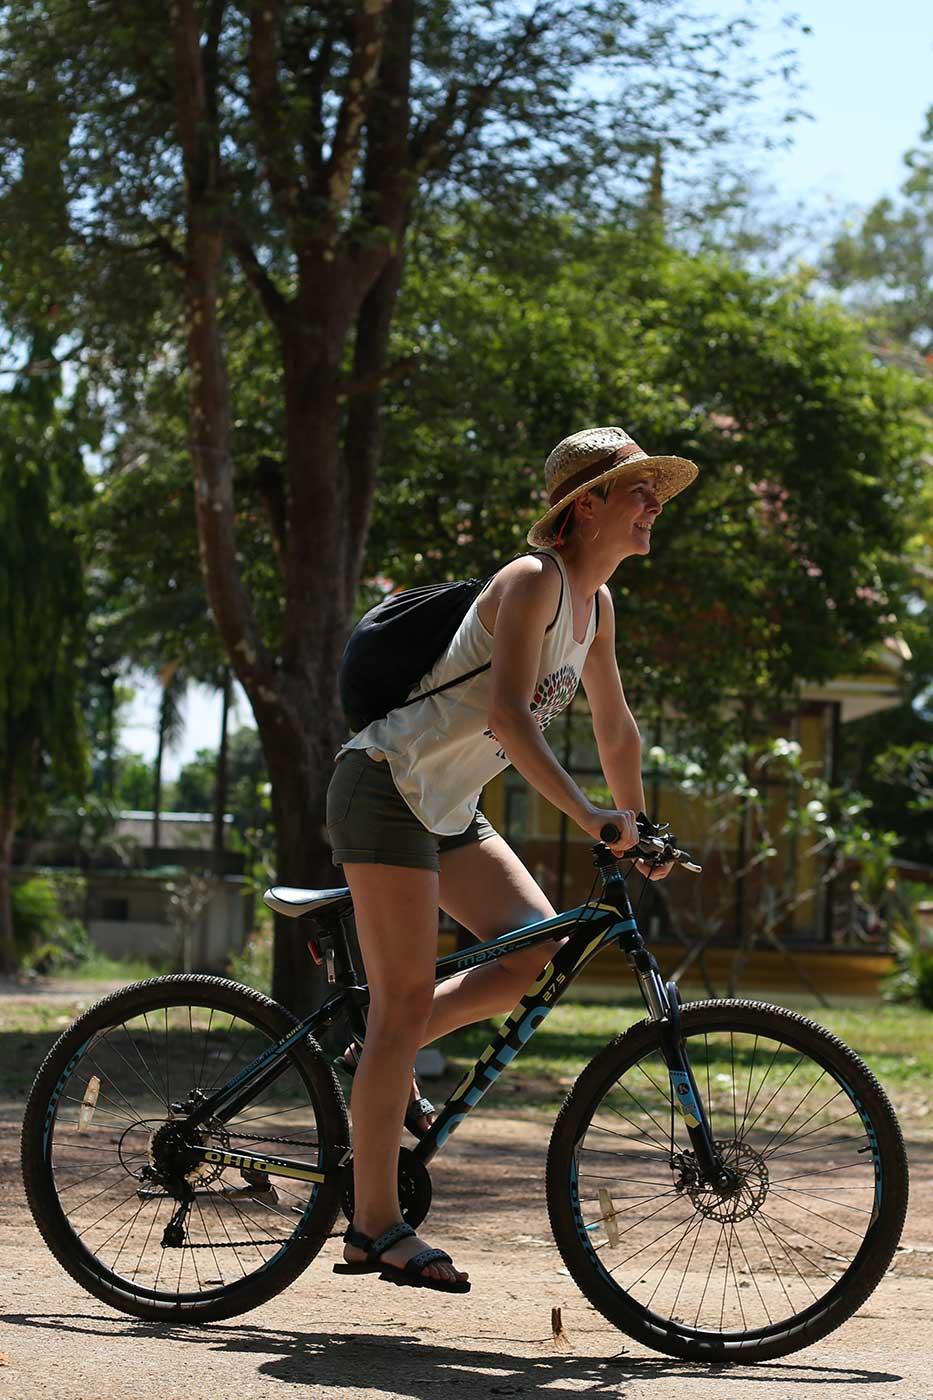 Khao Sok bicycle tour